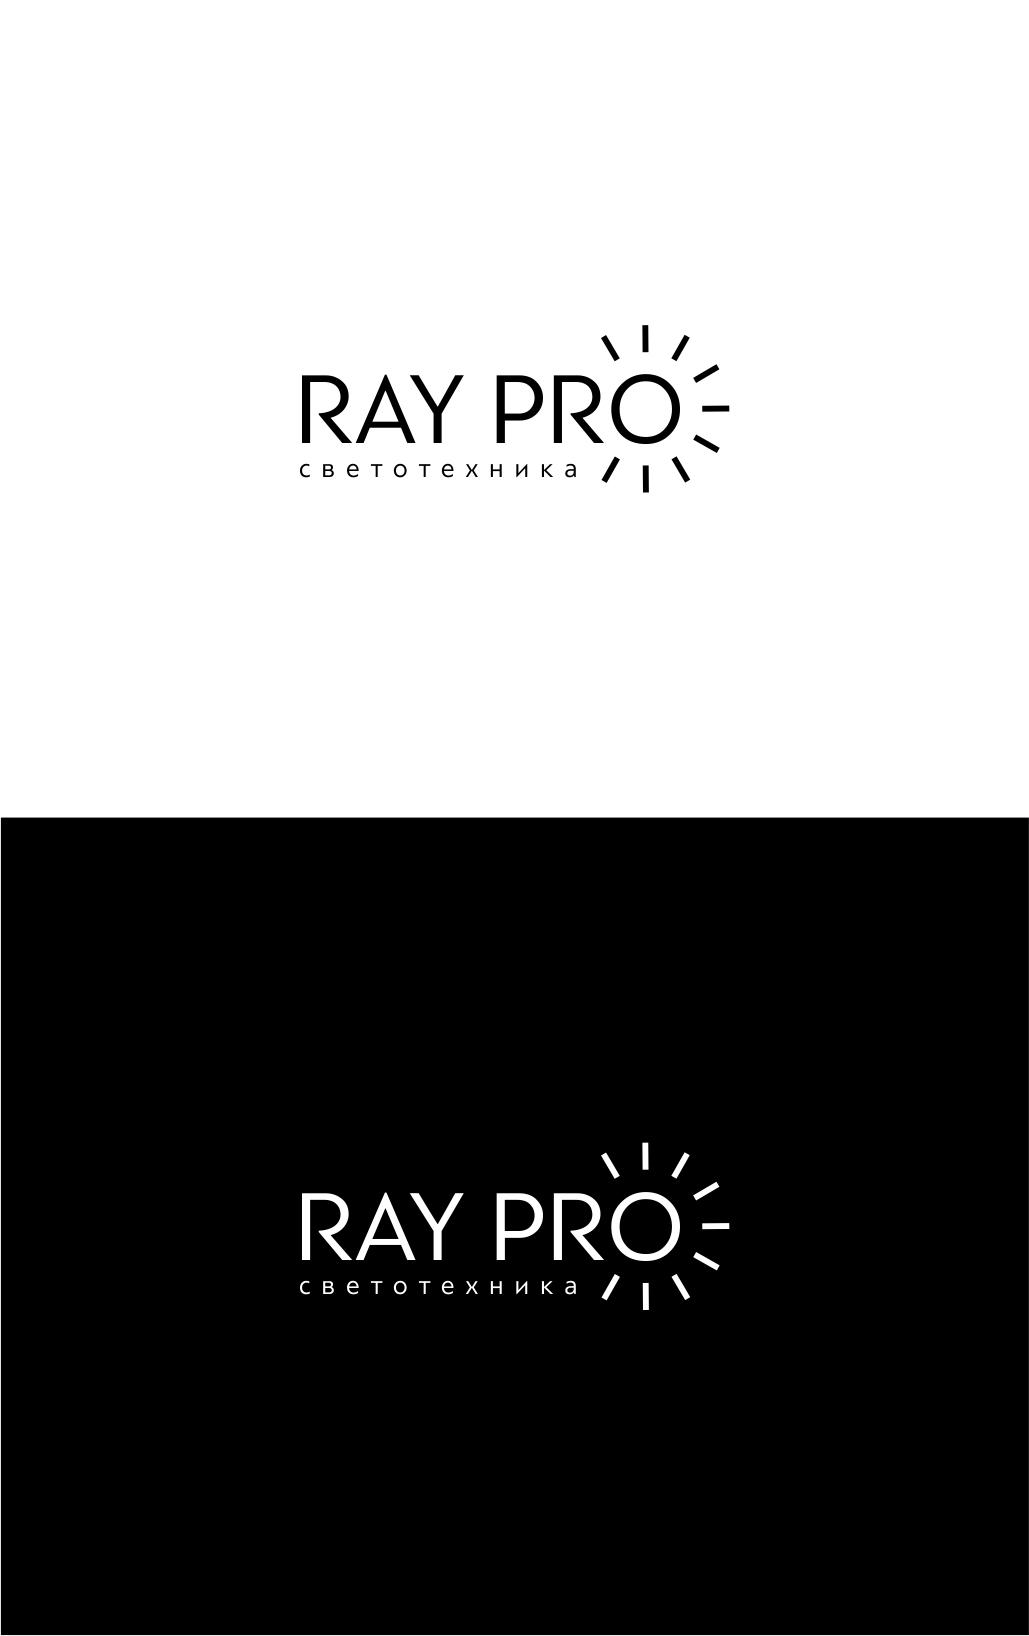 Разработка логотипа (продукт - светодиодная лента) фото f_0275bc2a82791607.jpg